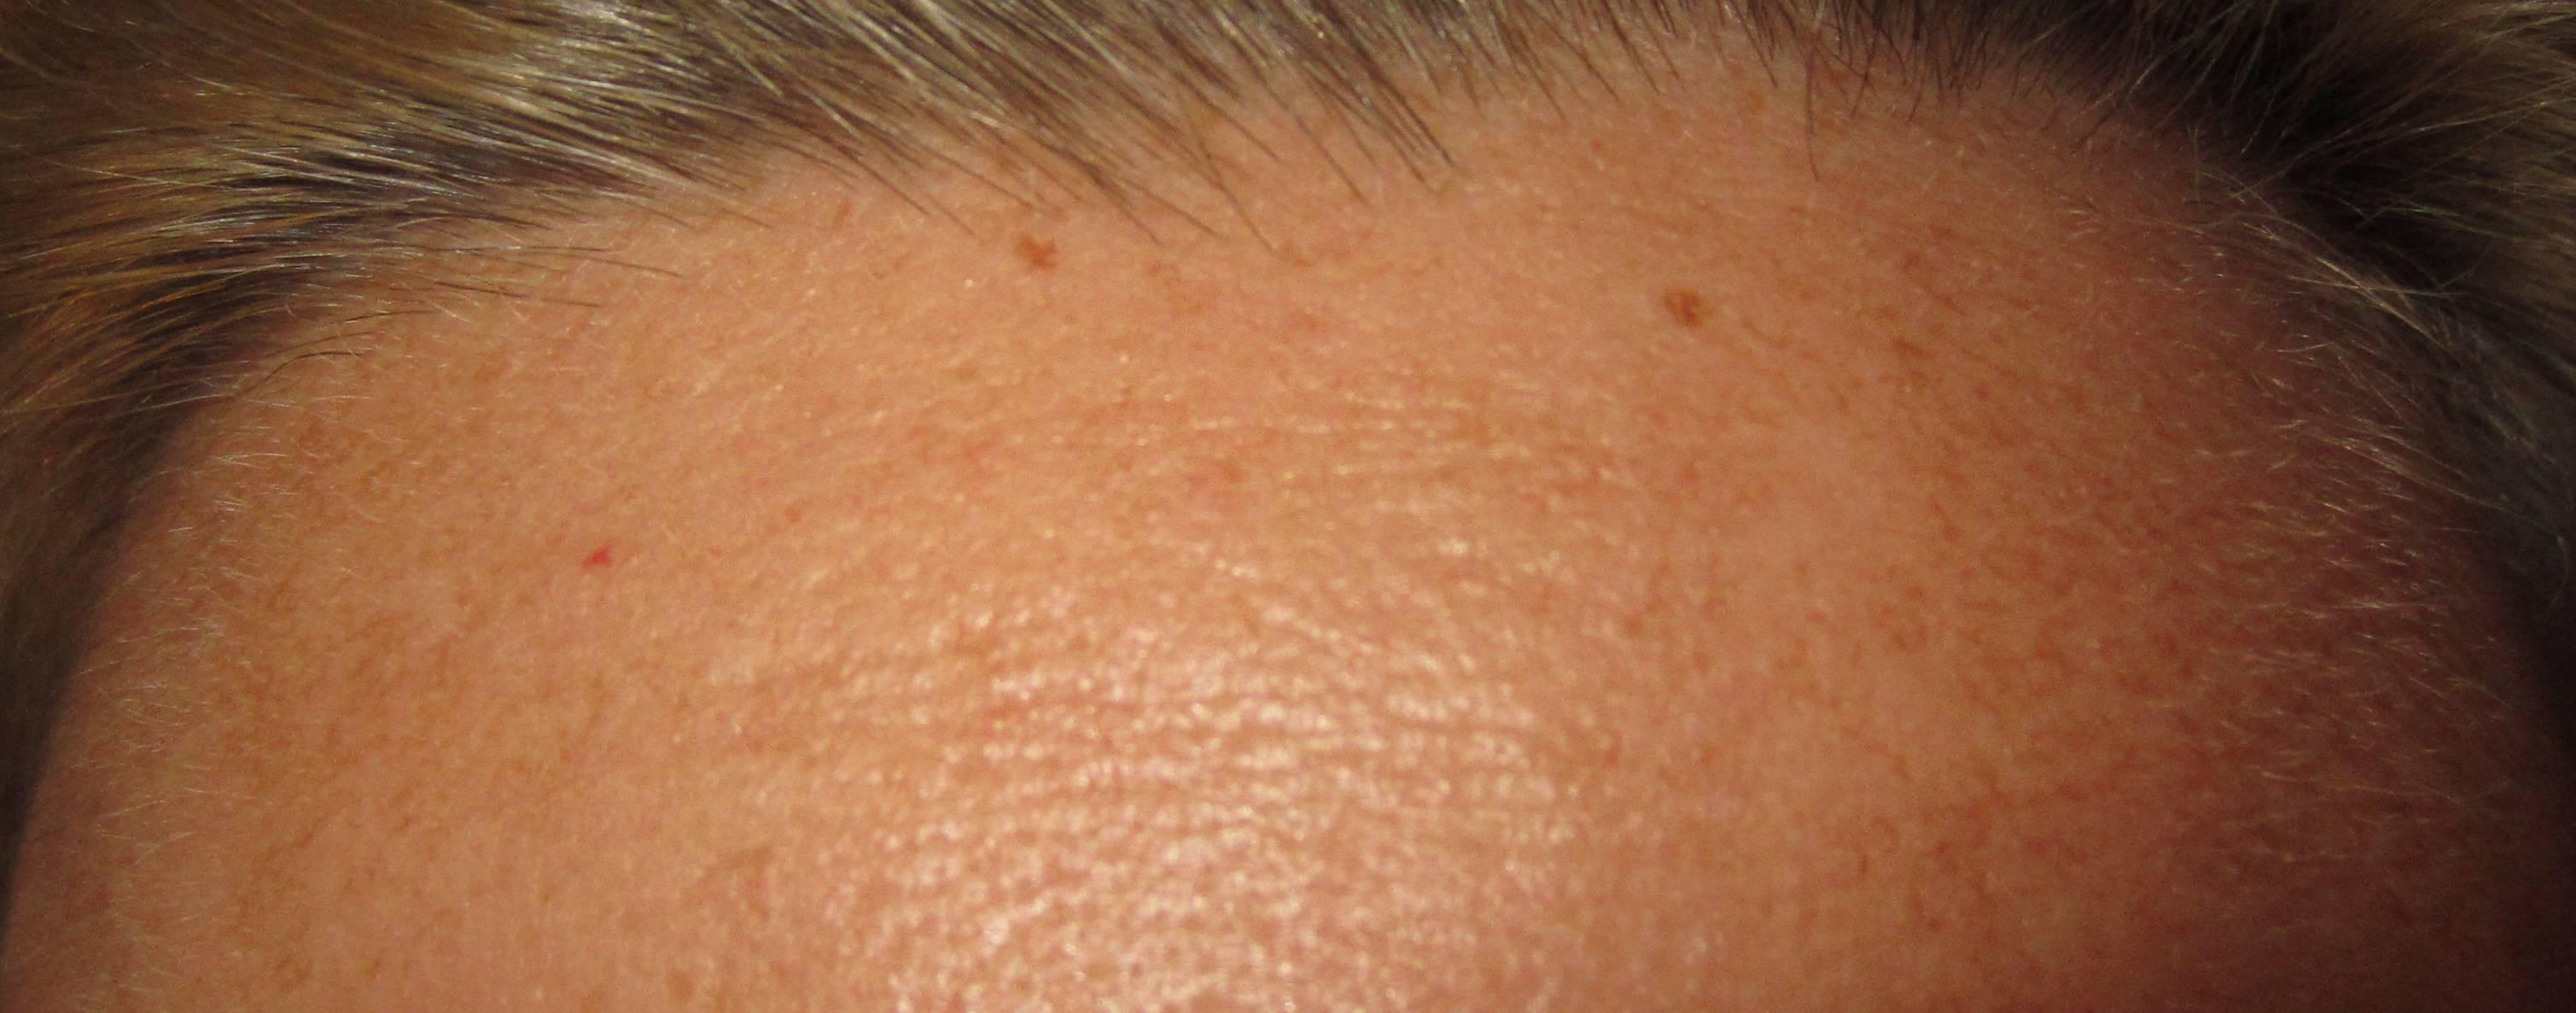 Красное родимое пятно: причины появления, внешний вид с фото, способы удаления, лечение и рекомендации врачей